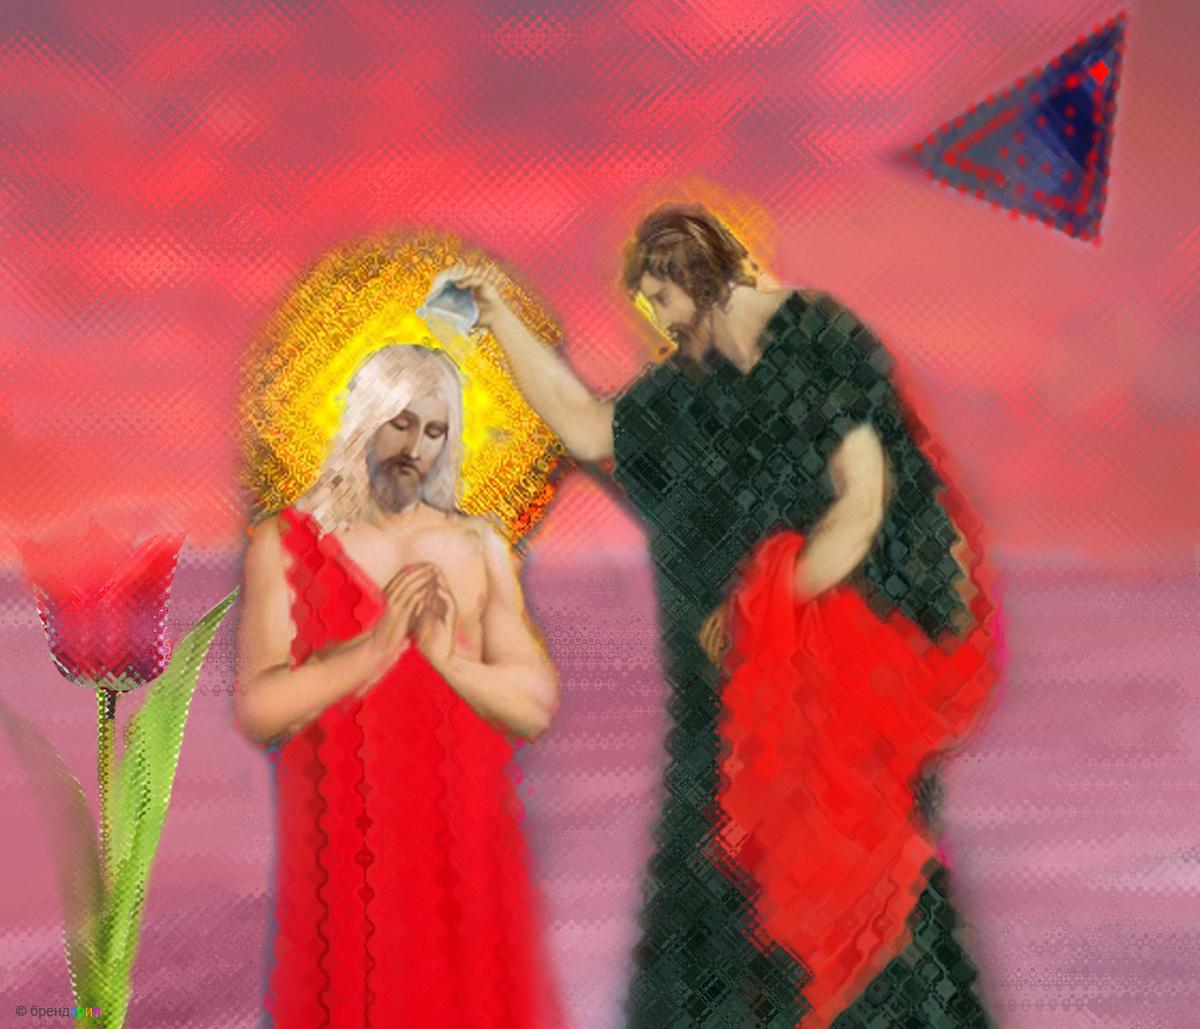 diezelsun, diezel sun, художник-уфолист, творческий стиль уфолизм